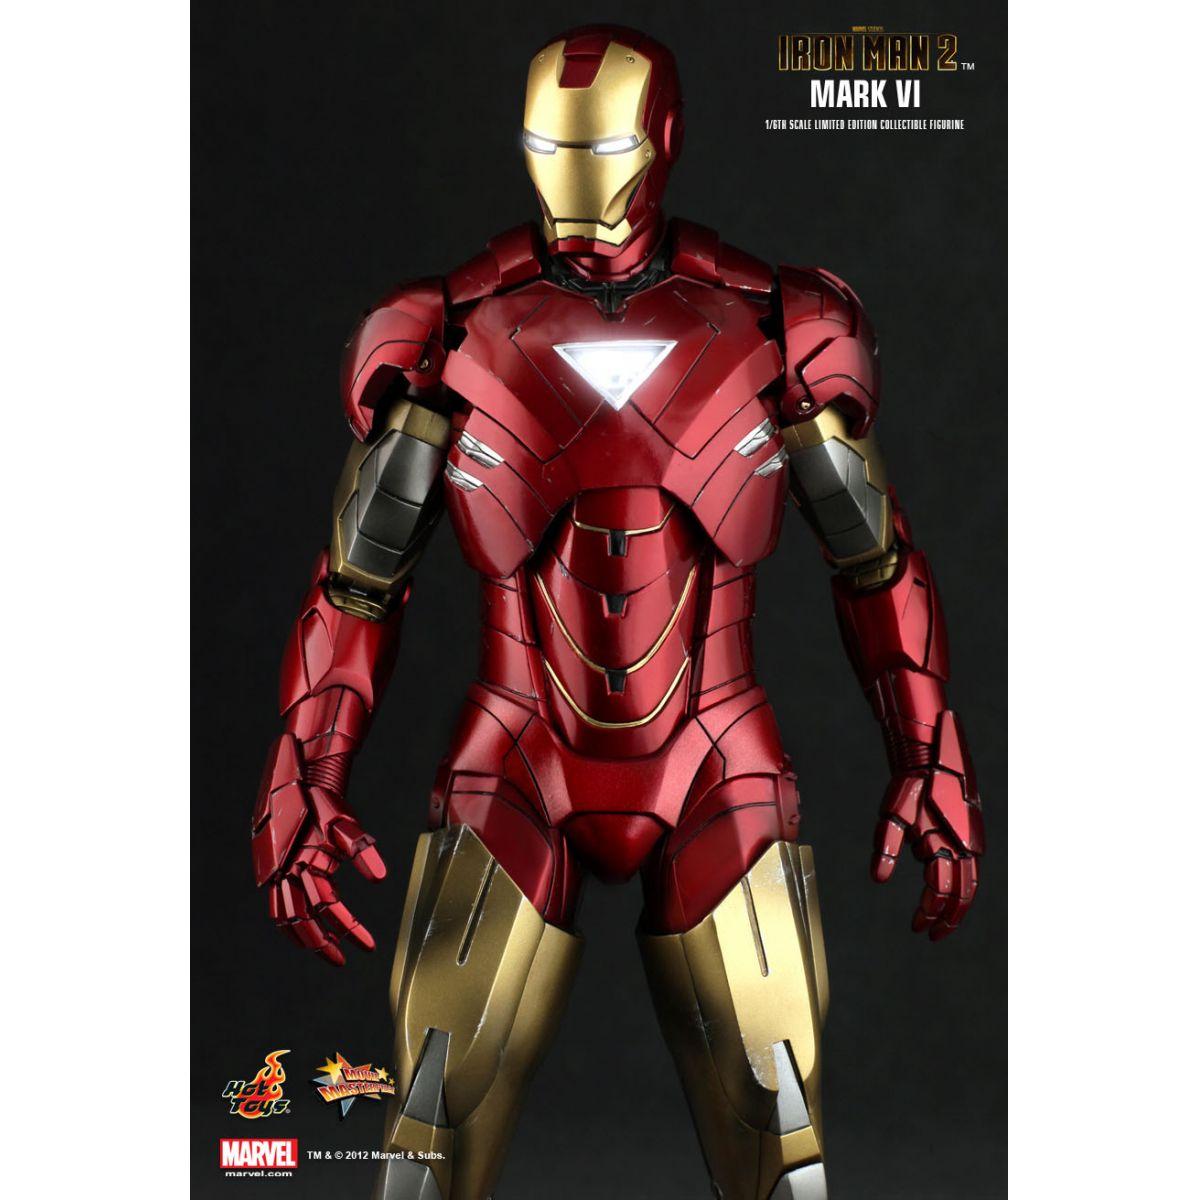 Iron Man 2: Mark VI Iron Man 2 Escala 1/6